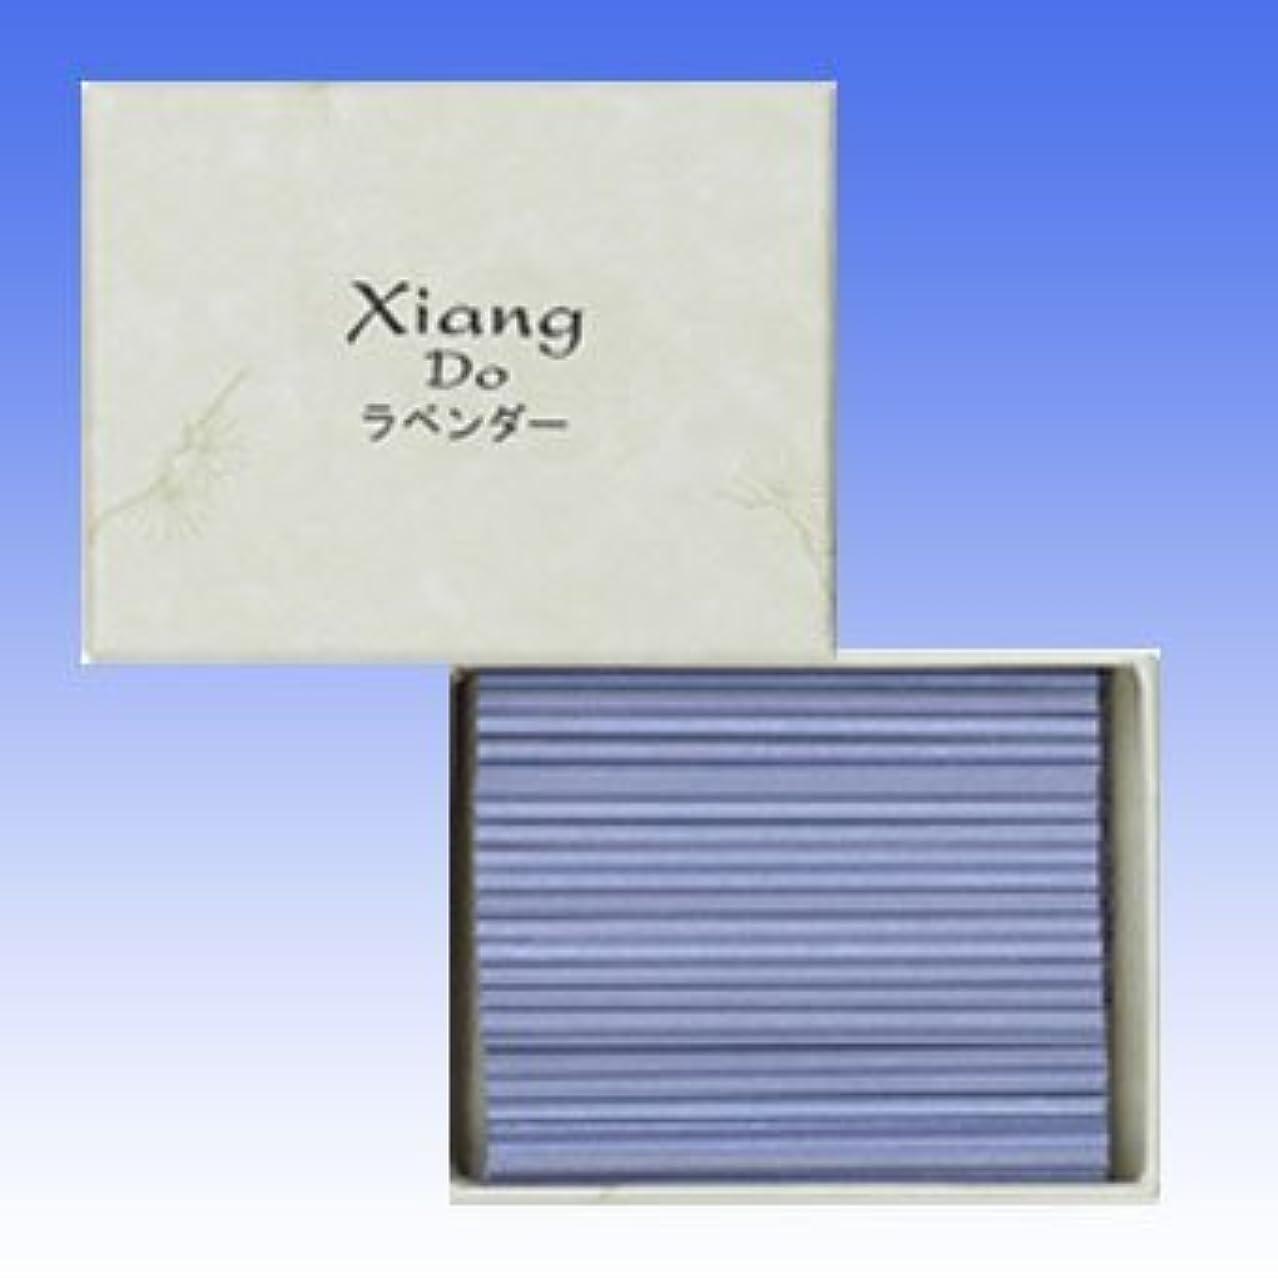 大通り窒素うまくいけば松栄堂 Xiang Do(シァン ドゥ) 徳用120本入 (ラベンダー)